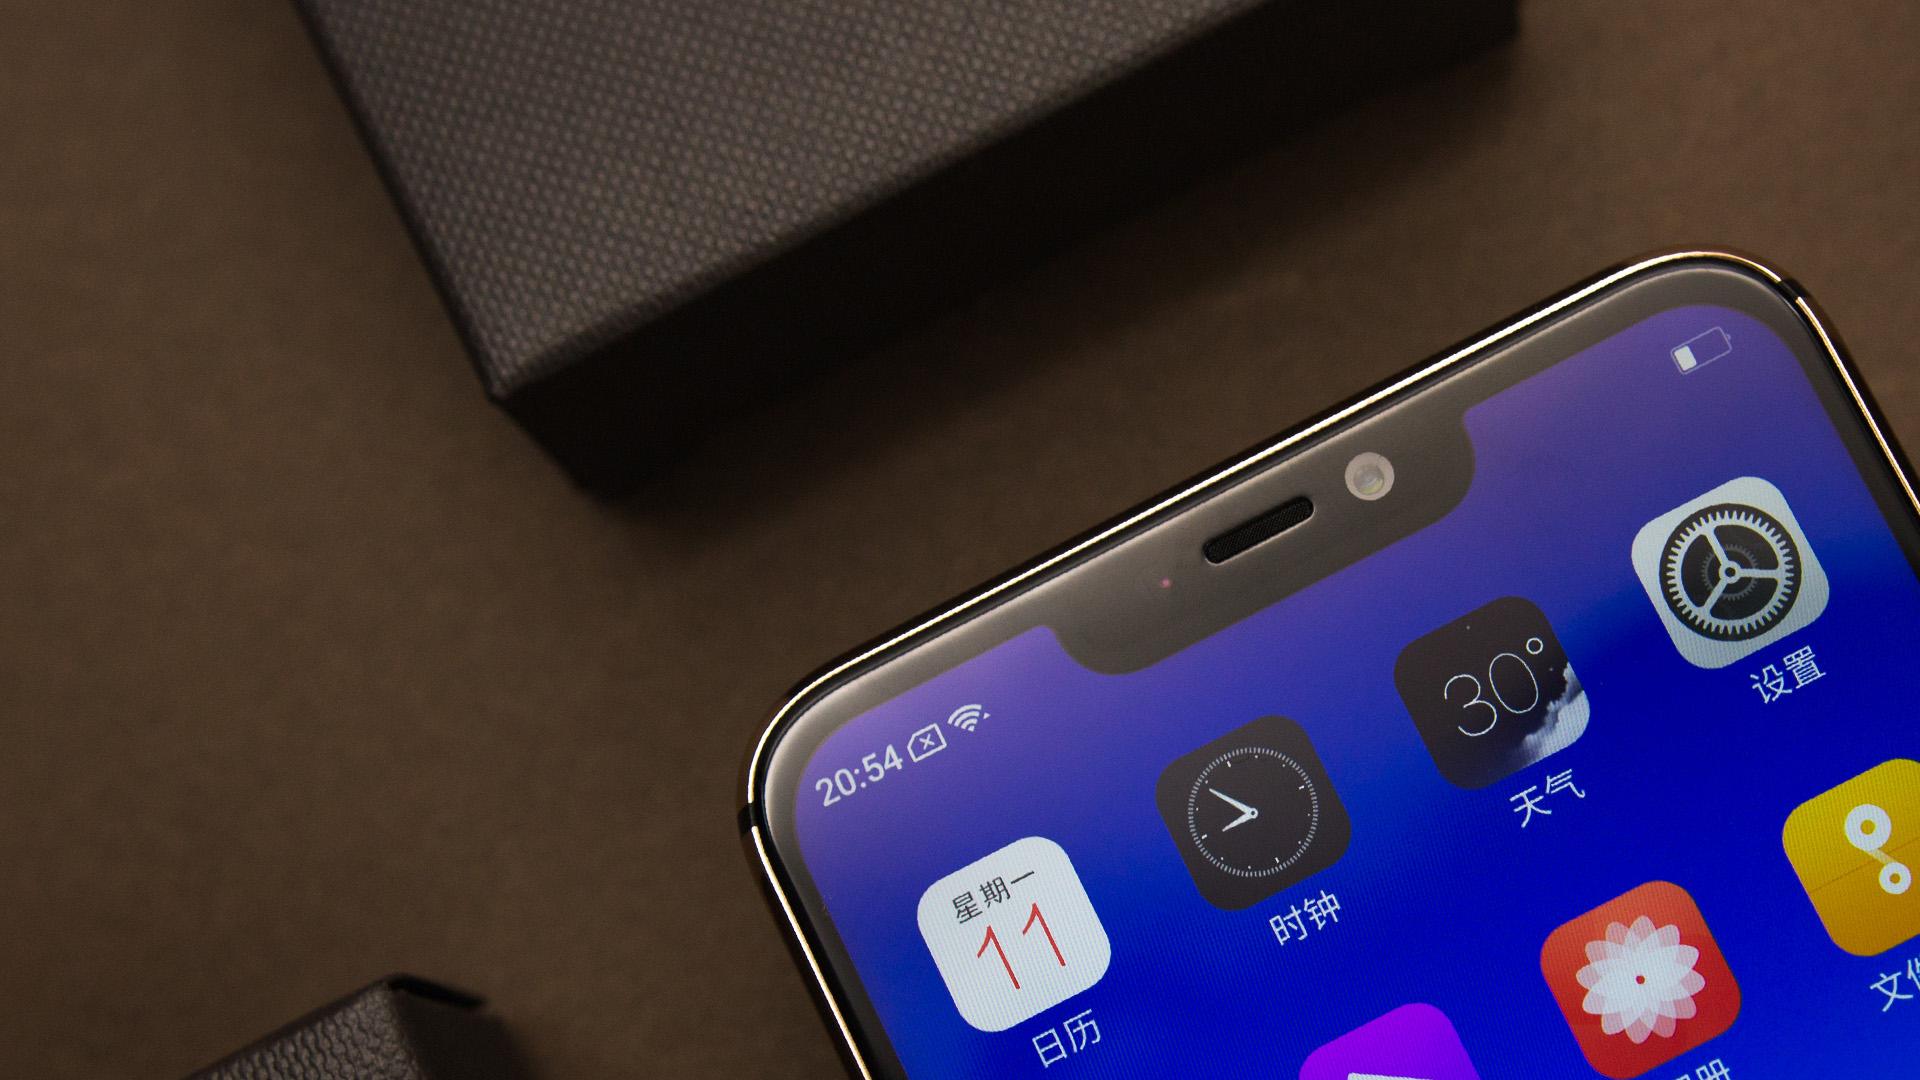 更大屏幕 更精致手感 酷比F2 Plus评测